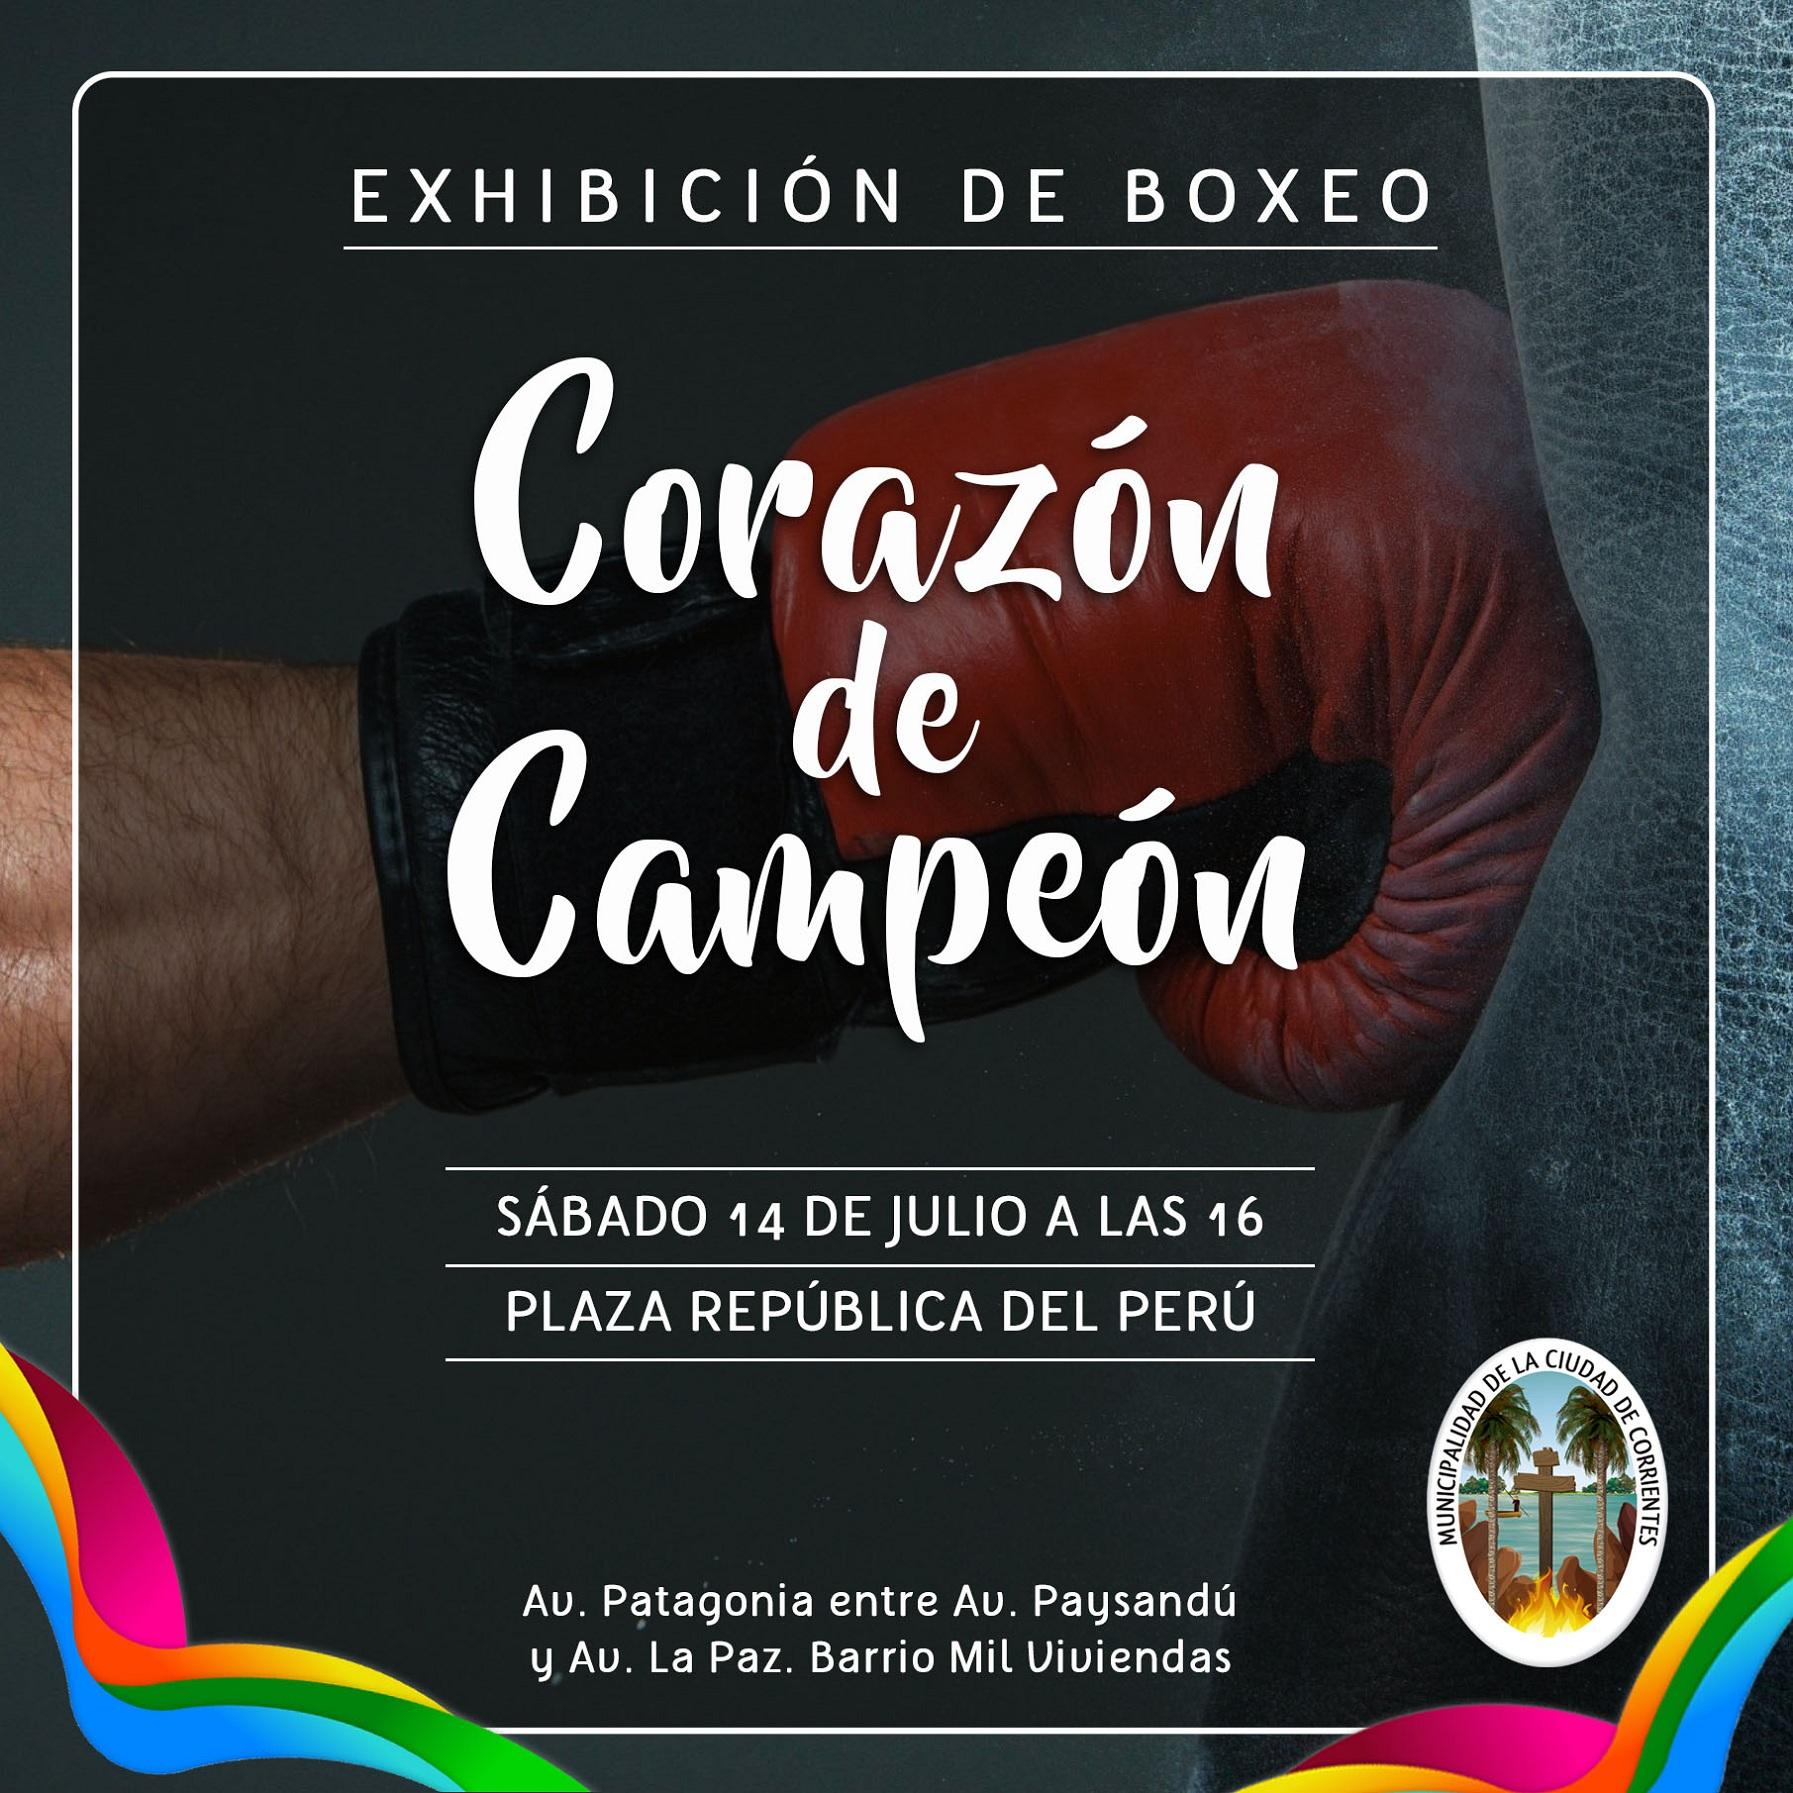 El boxeo amateur llega a las Mil Viviendas con el programa municipal Corazón de Campeón